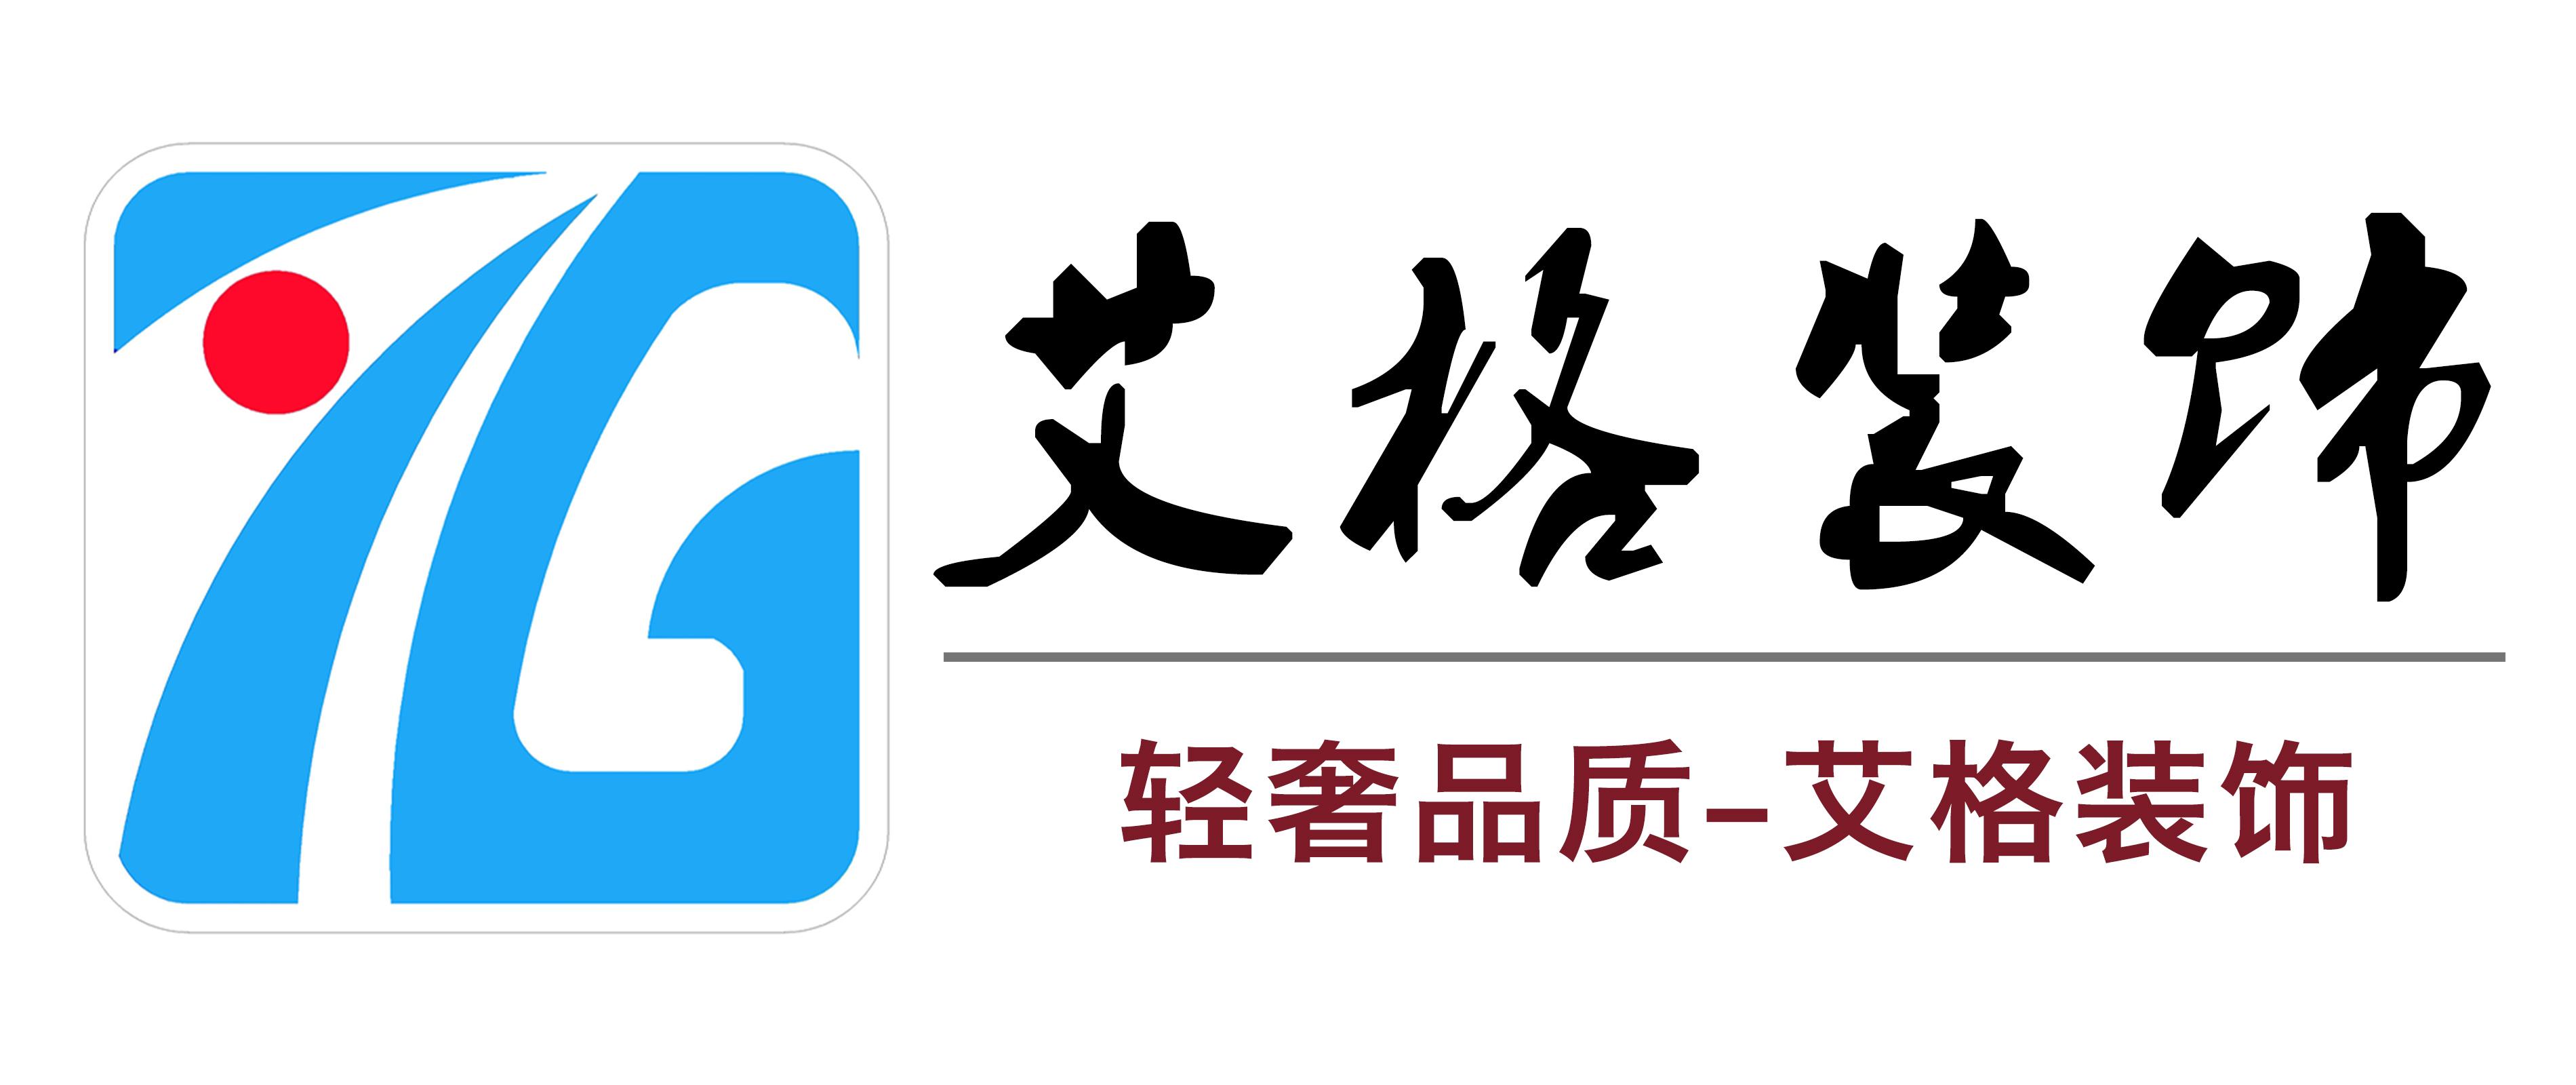 邯郸市艾格建筑装饰工程有限公司